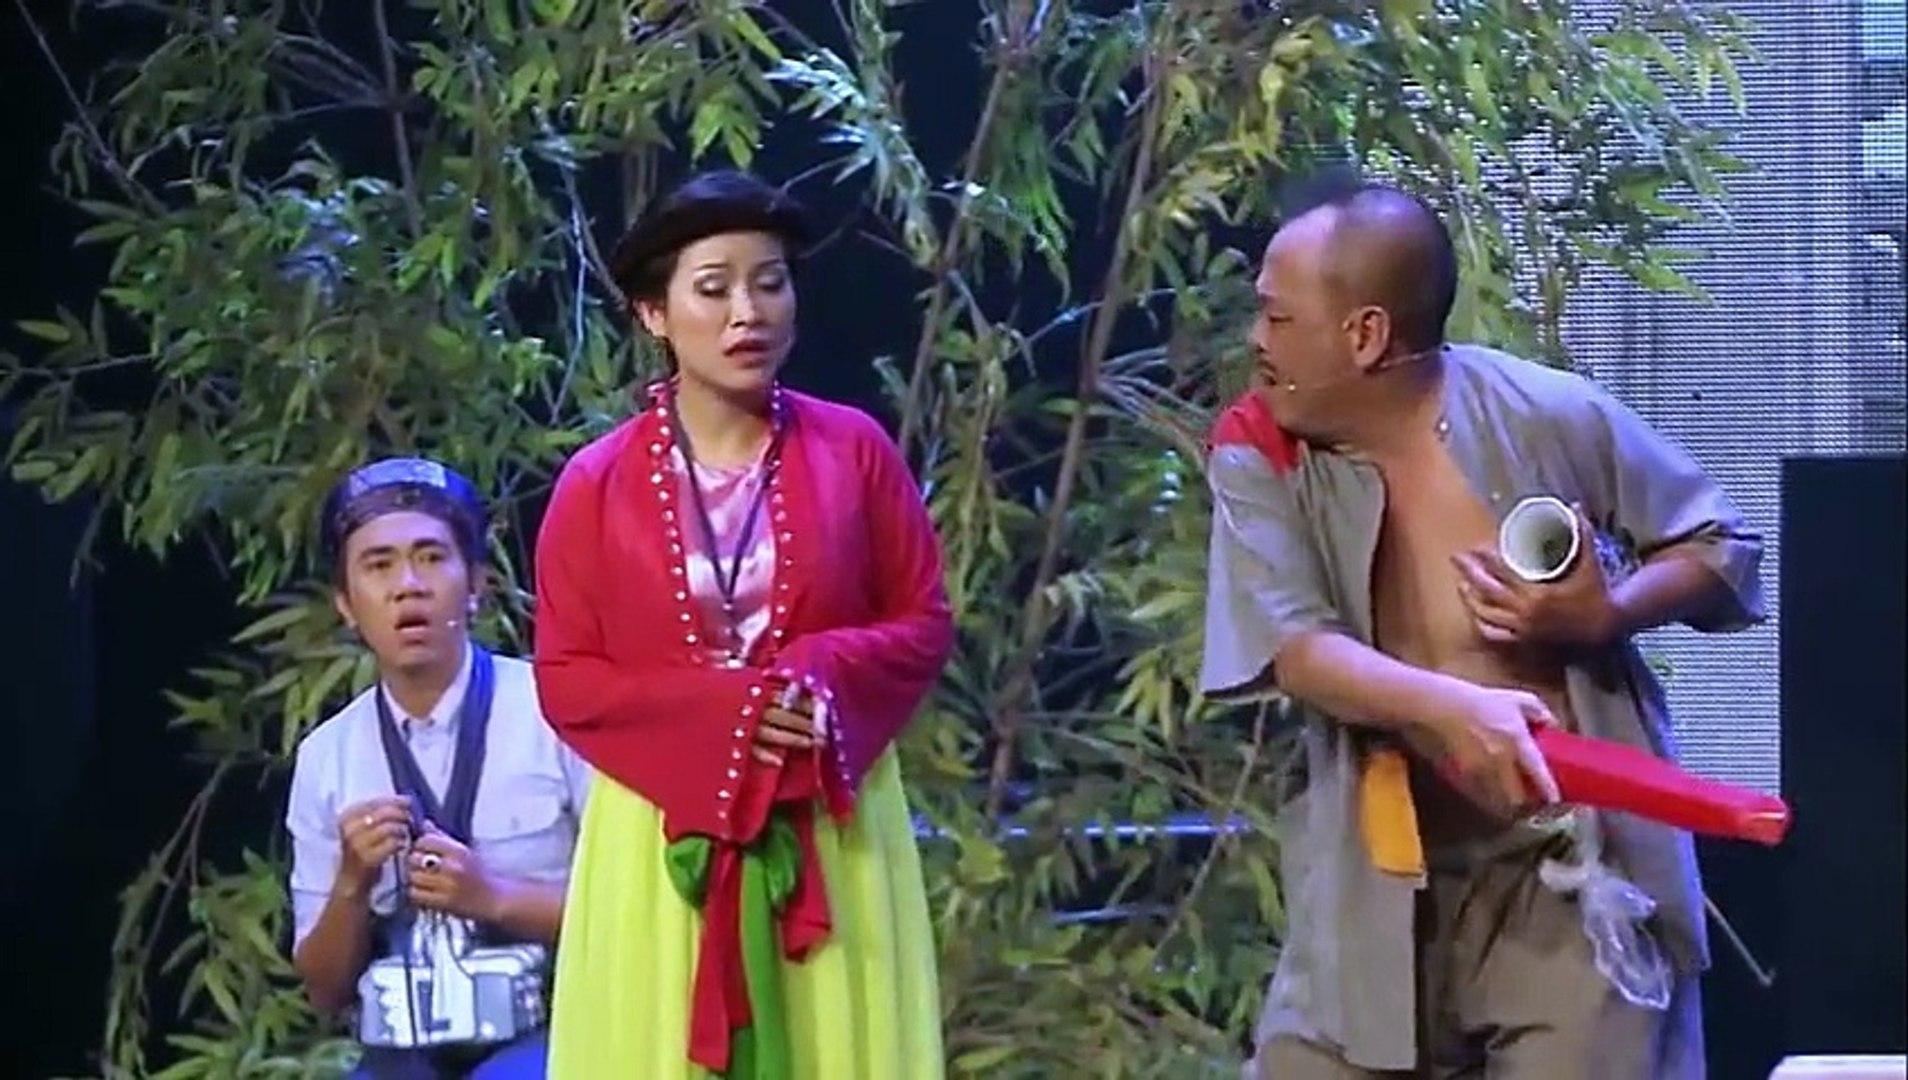 Hài kịch LÀNG Facebook - Liveshow TRẤN THÀNH - Part 3